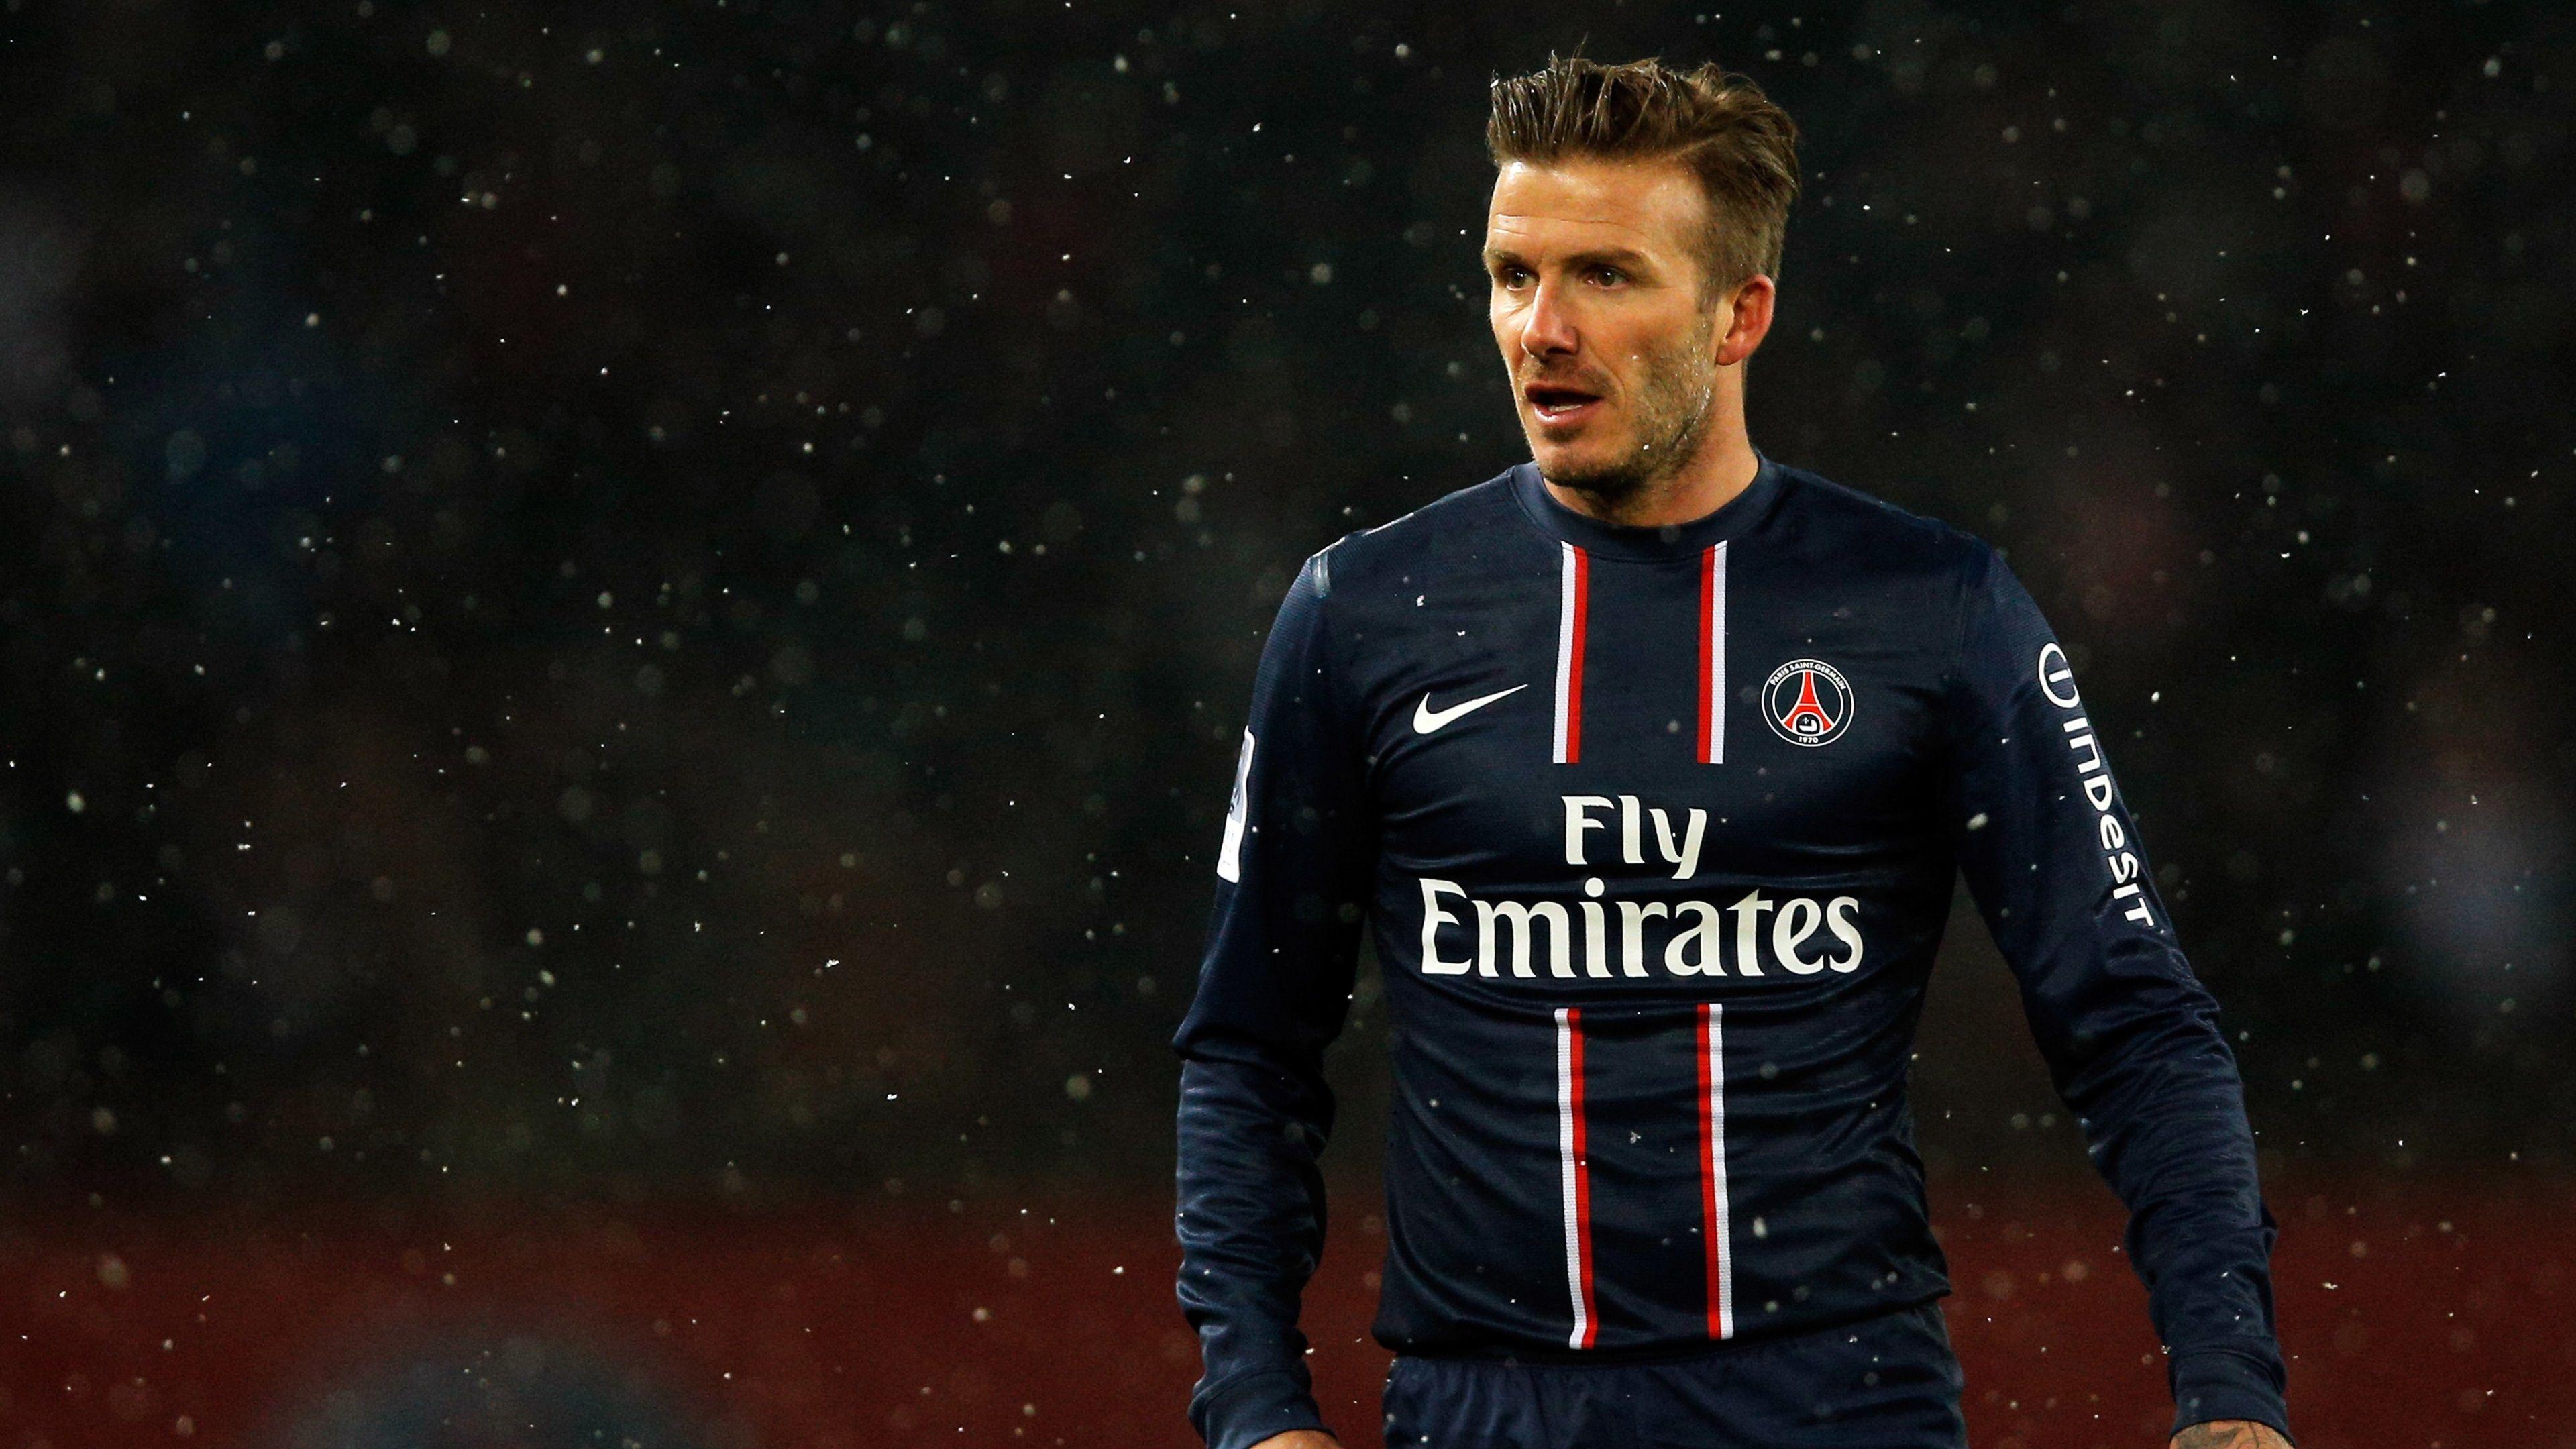 3840x2160 David Beckham 4k Cool Wallpaper For Pc David Beckham Wallpaper David Beckham Football David Beckham Psg